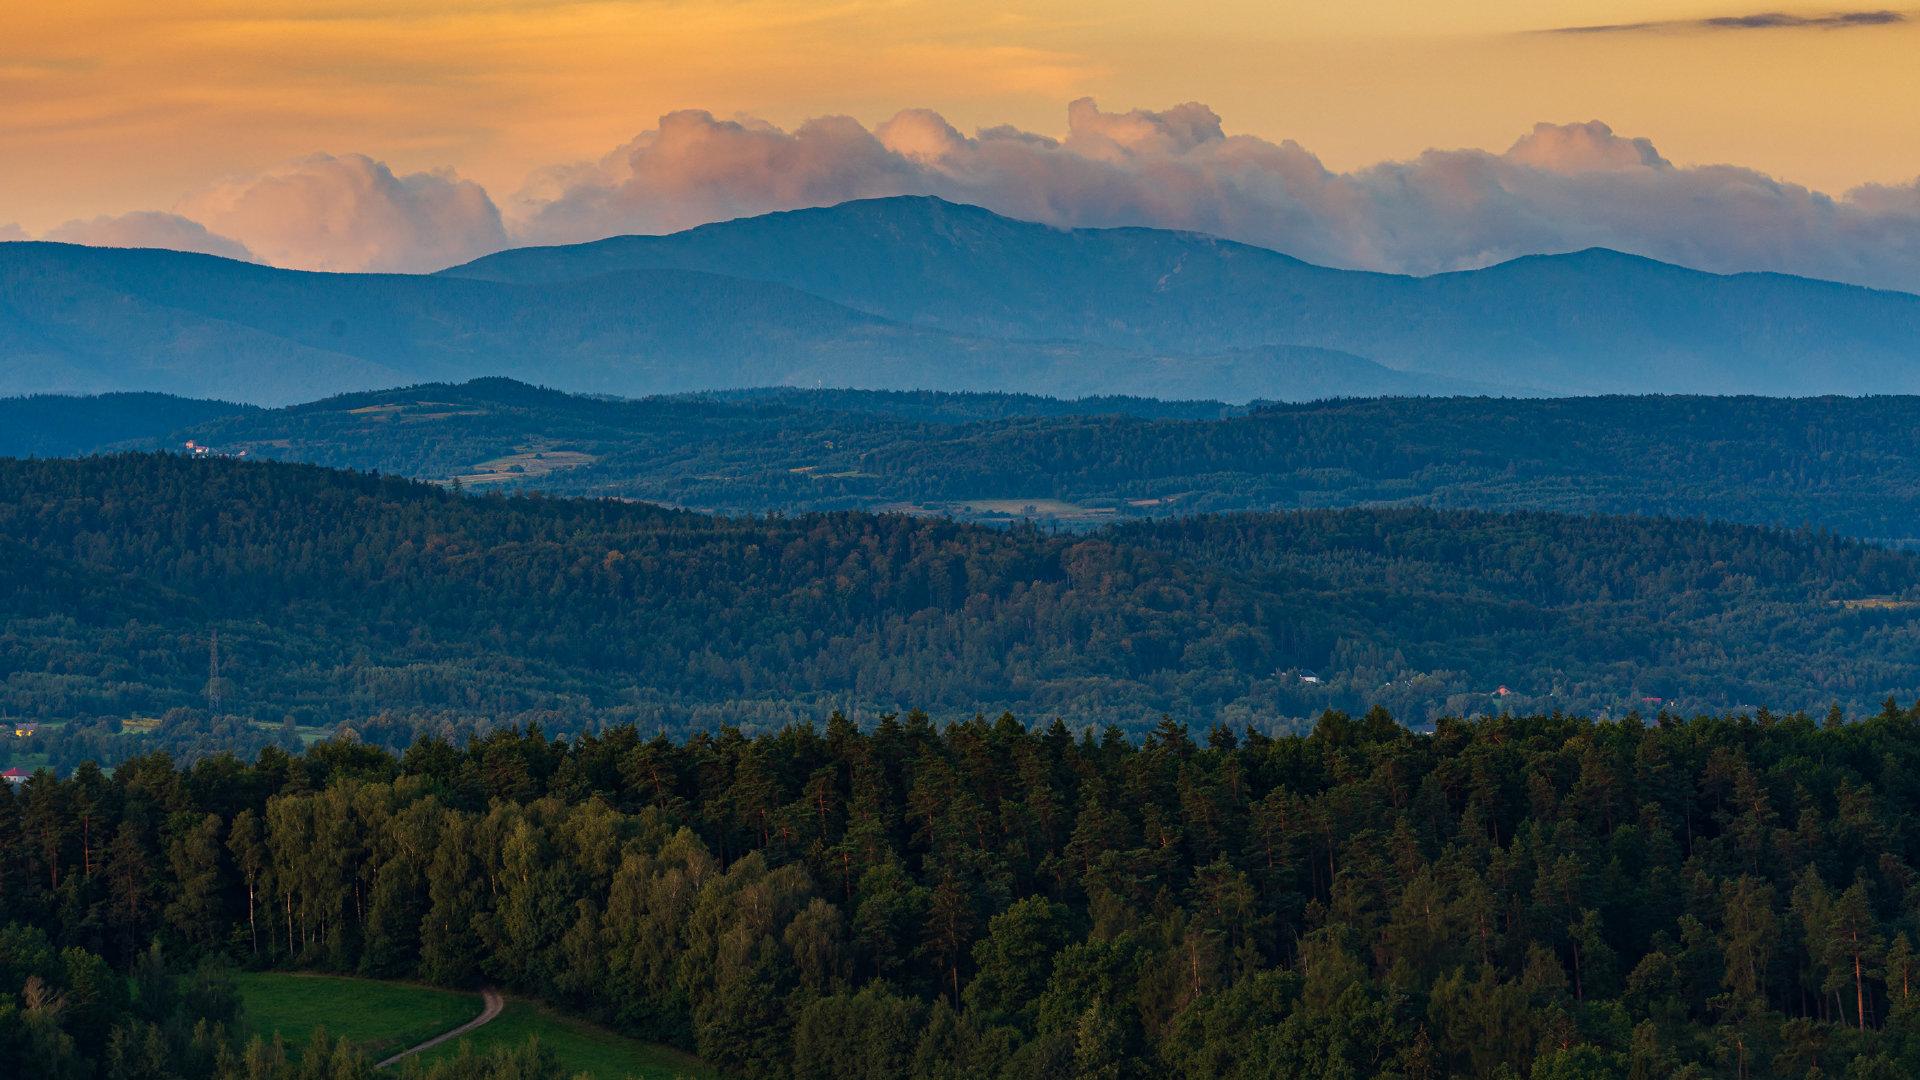 波兰克拉科夫郊外,日出晨光随群山起伏沿着塔特拉山脉蔓延